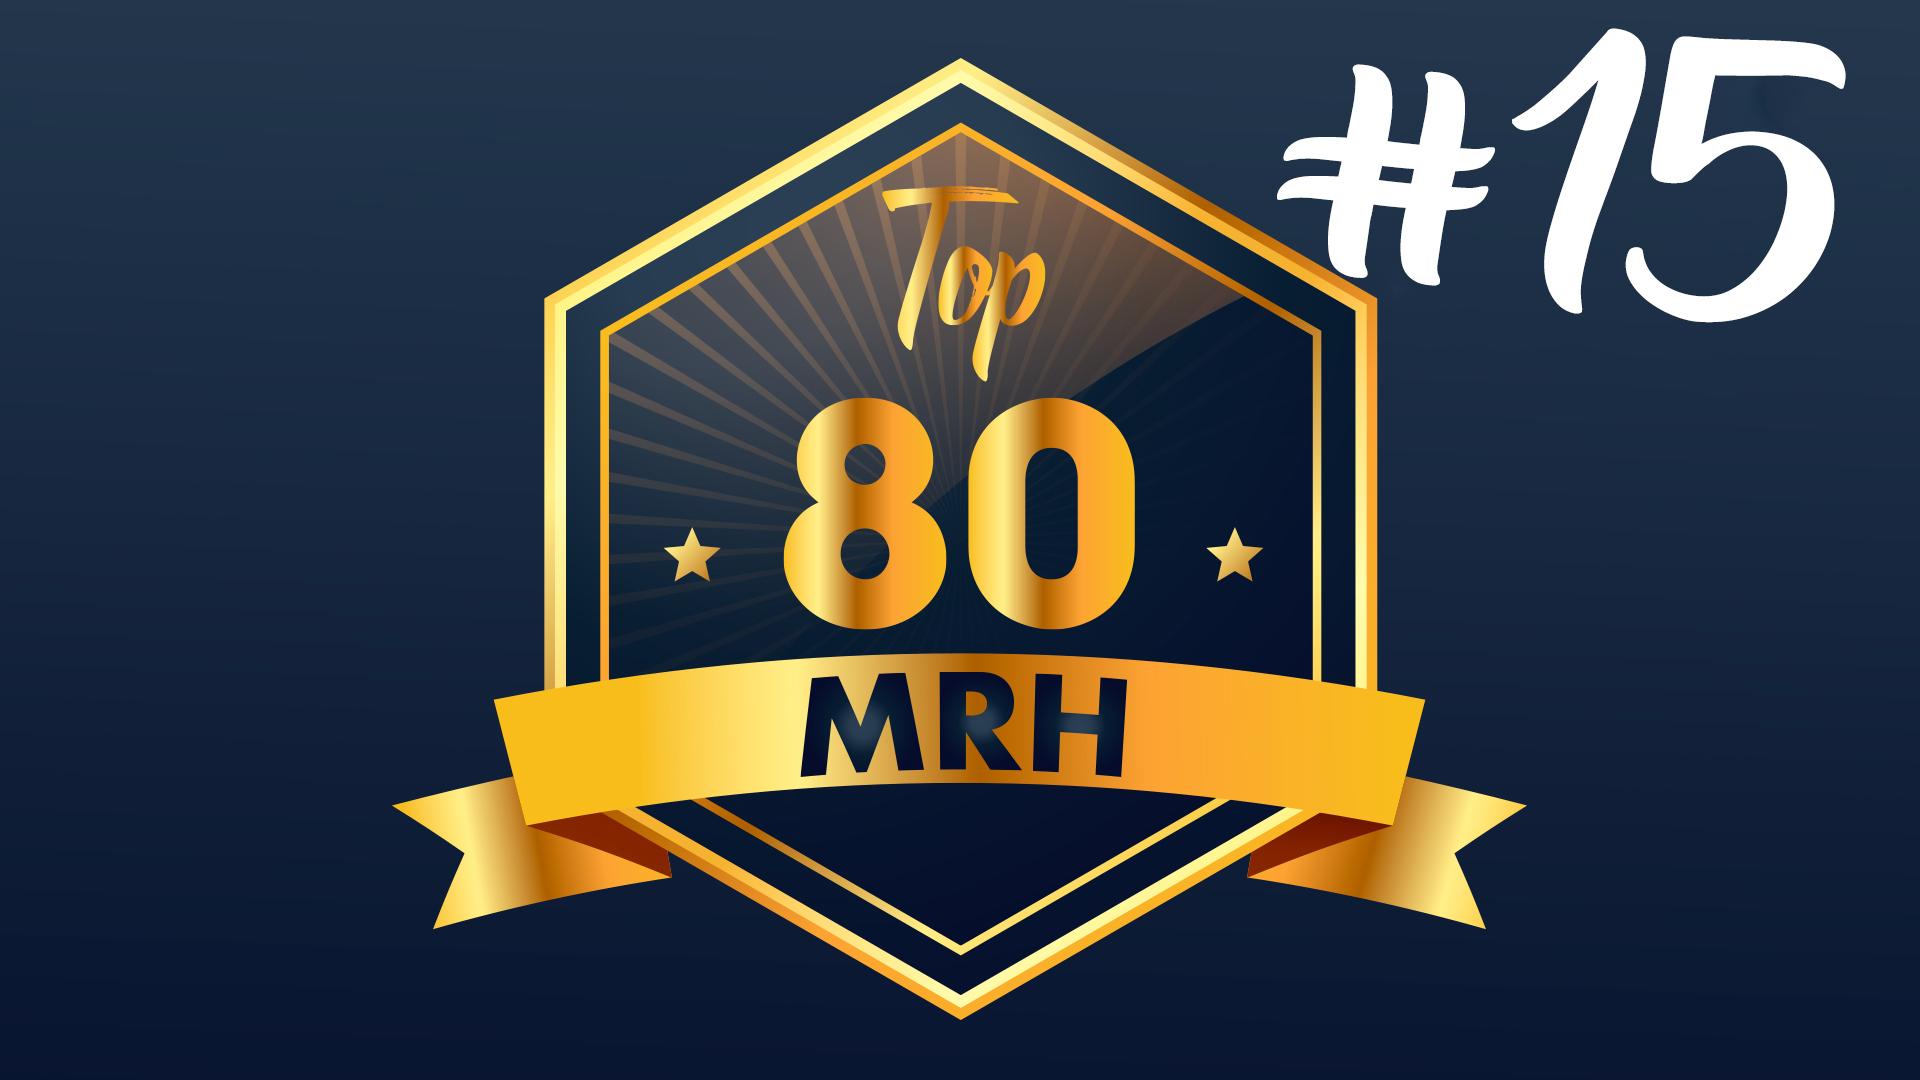 Top 80 MRH - Qui fera partie du 15e classement Top MRH